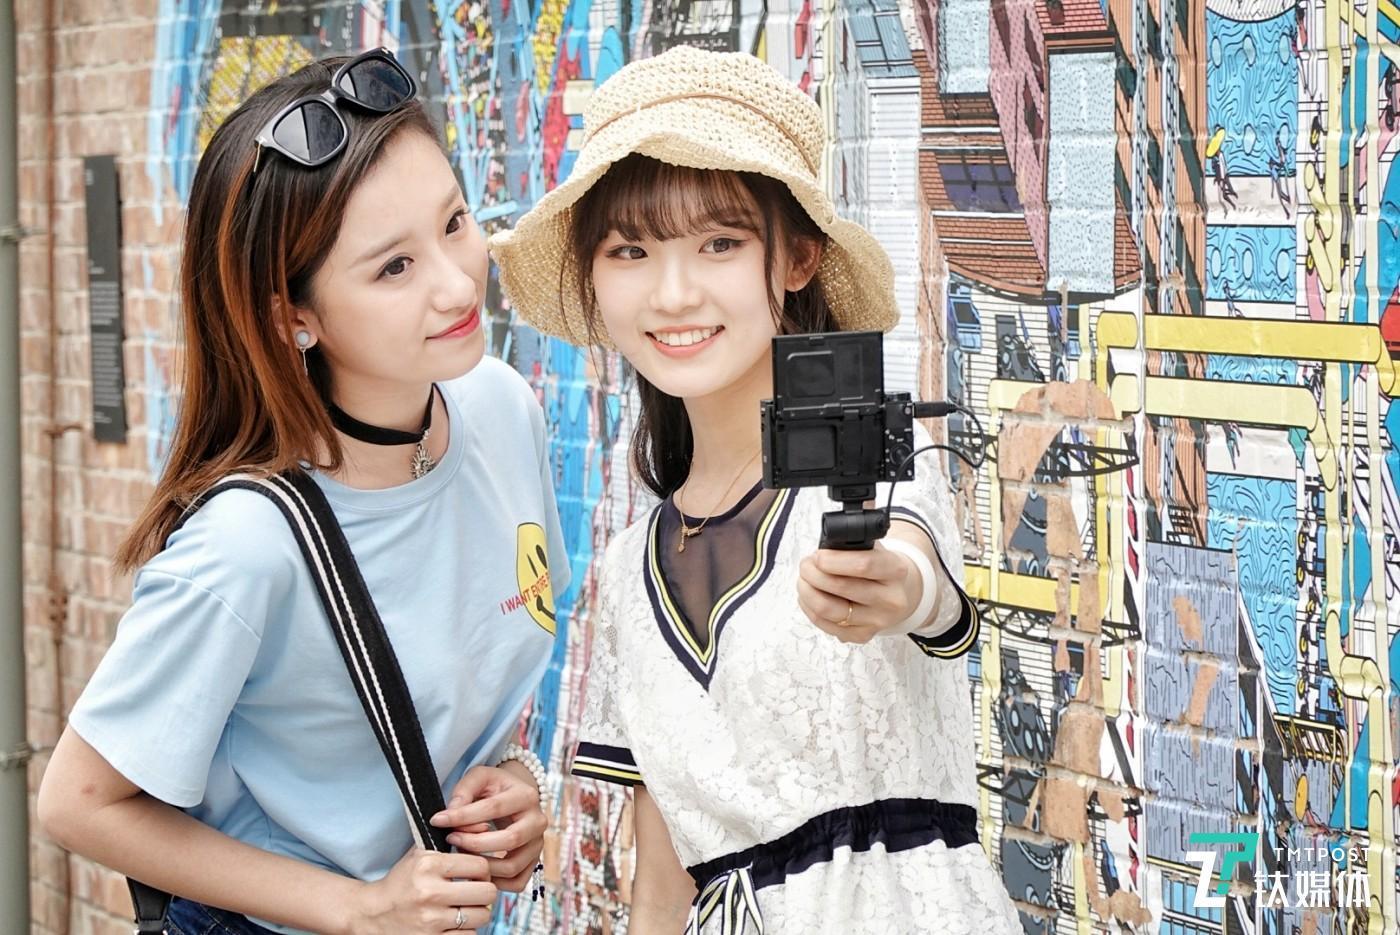 模特小姐姐手持索尼黑卡RX100M6相机自拍